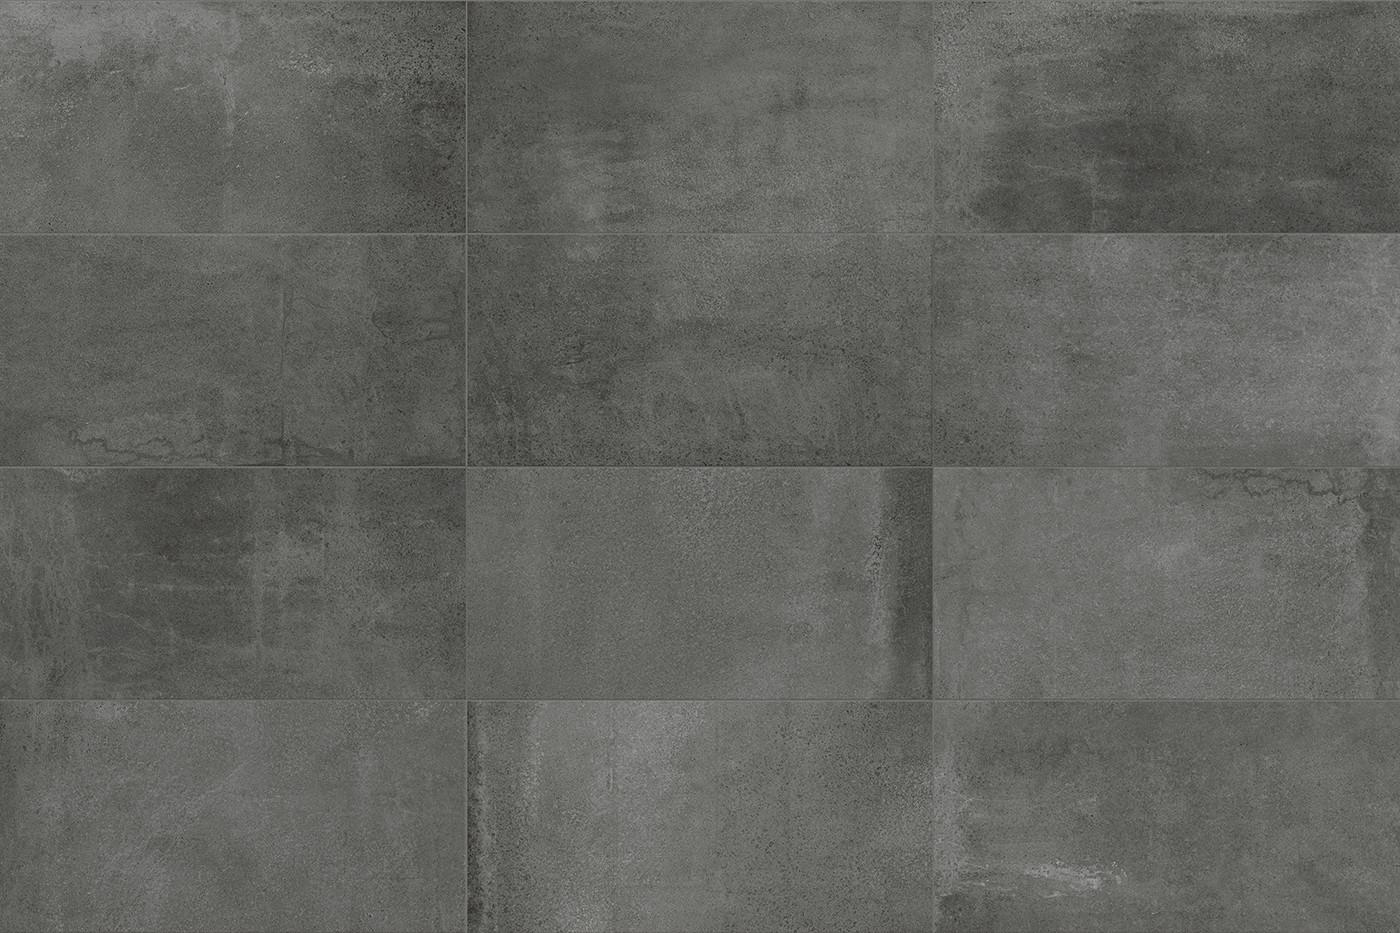 69-410_12x24_Industria_Graphite_Variatio